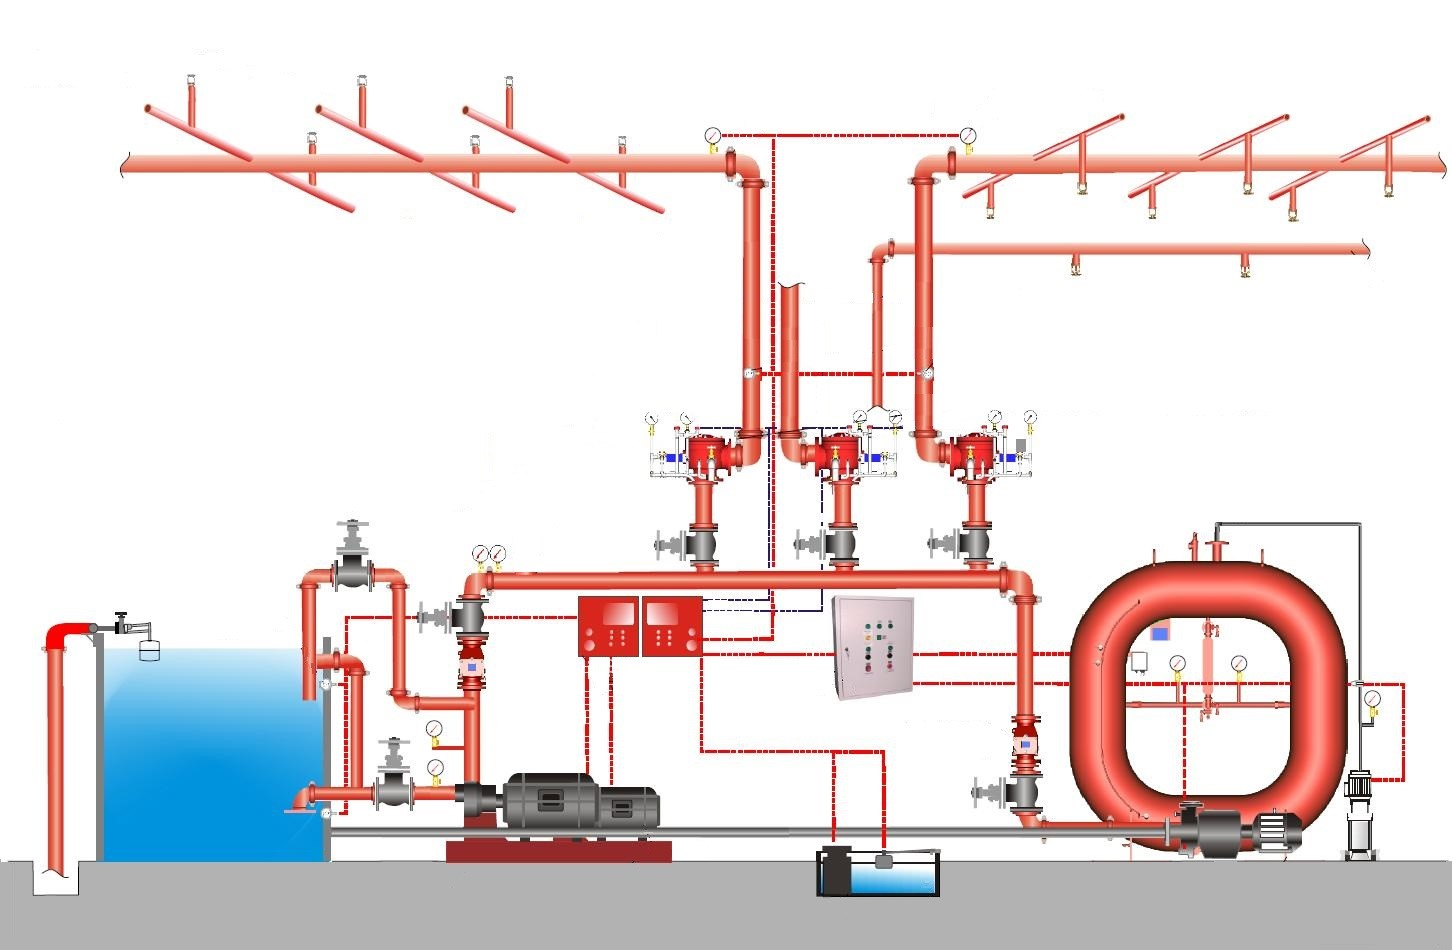 Система пожаротушения включает множество видов оборудования и технических средств. Все элементы системы будут проверяться на работоспособность.